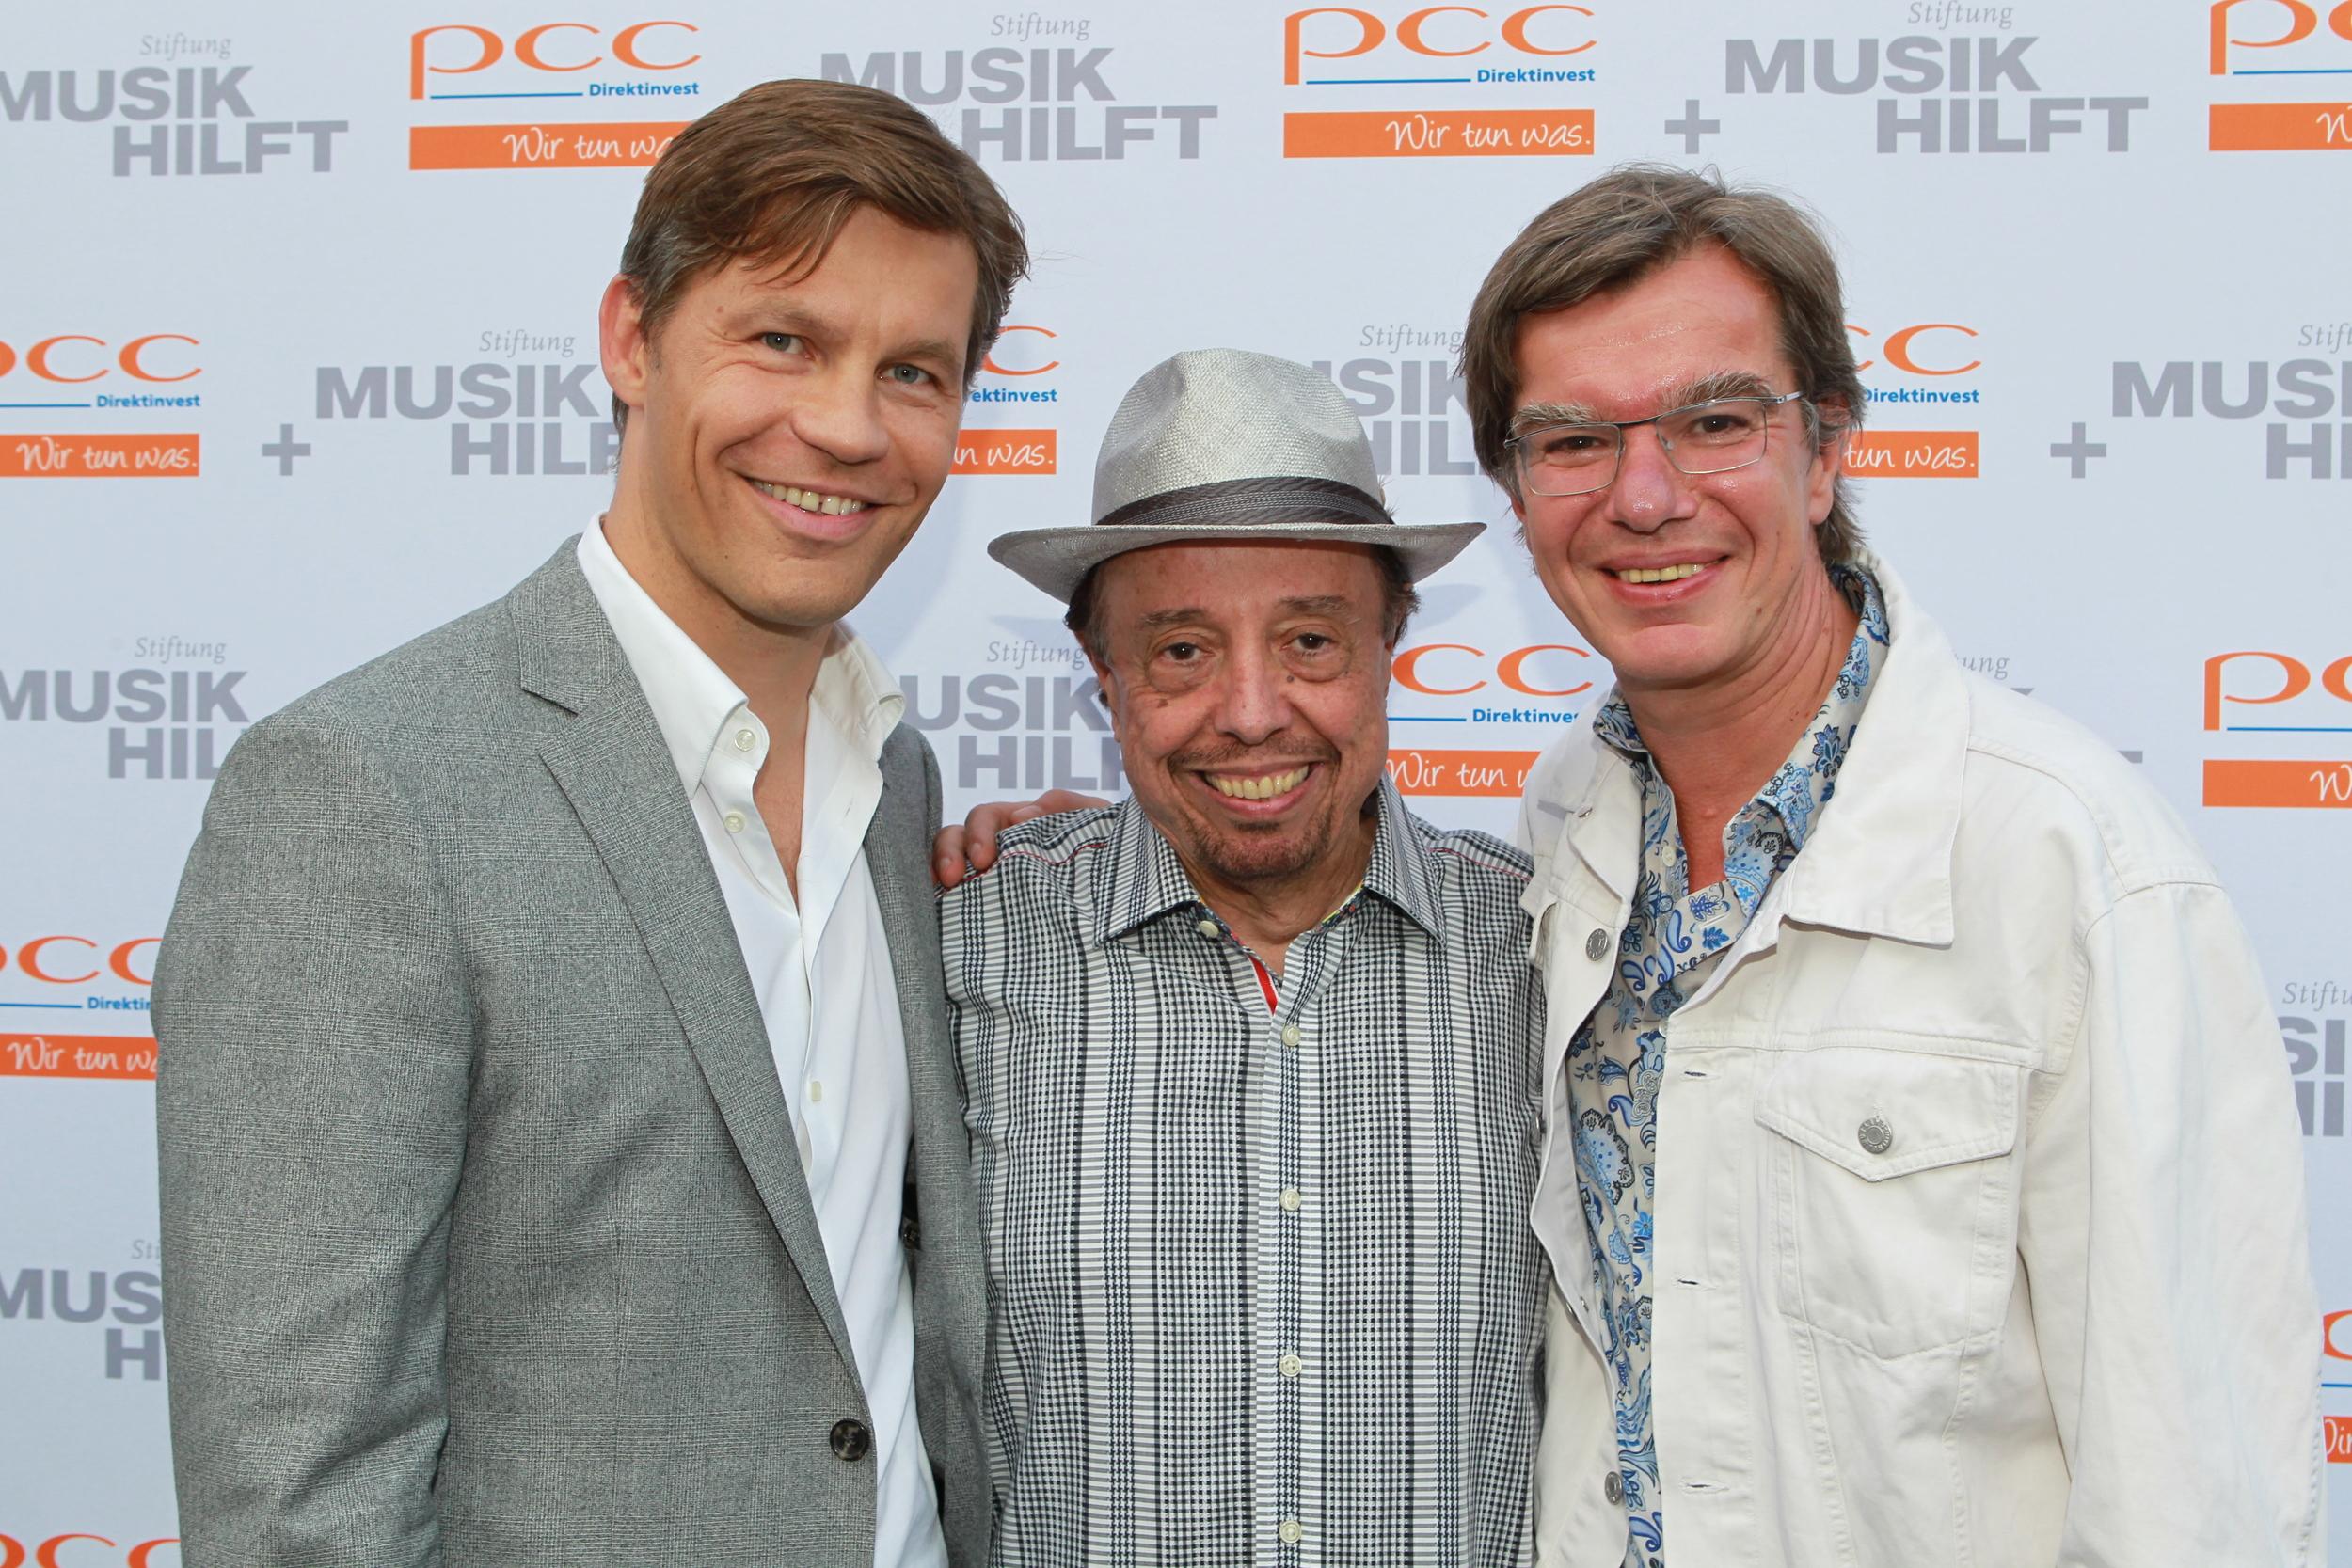 Frank Briegmann und Christian Kellersmann von Universal Music gemeinsam mit Sergio Mendes (© public adress)